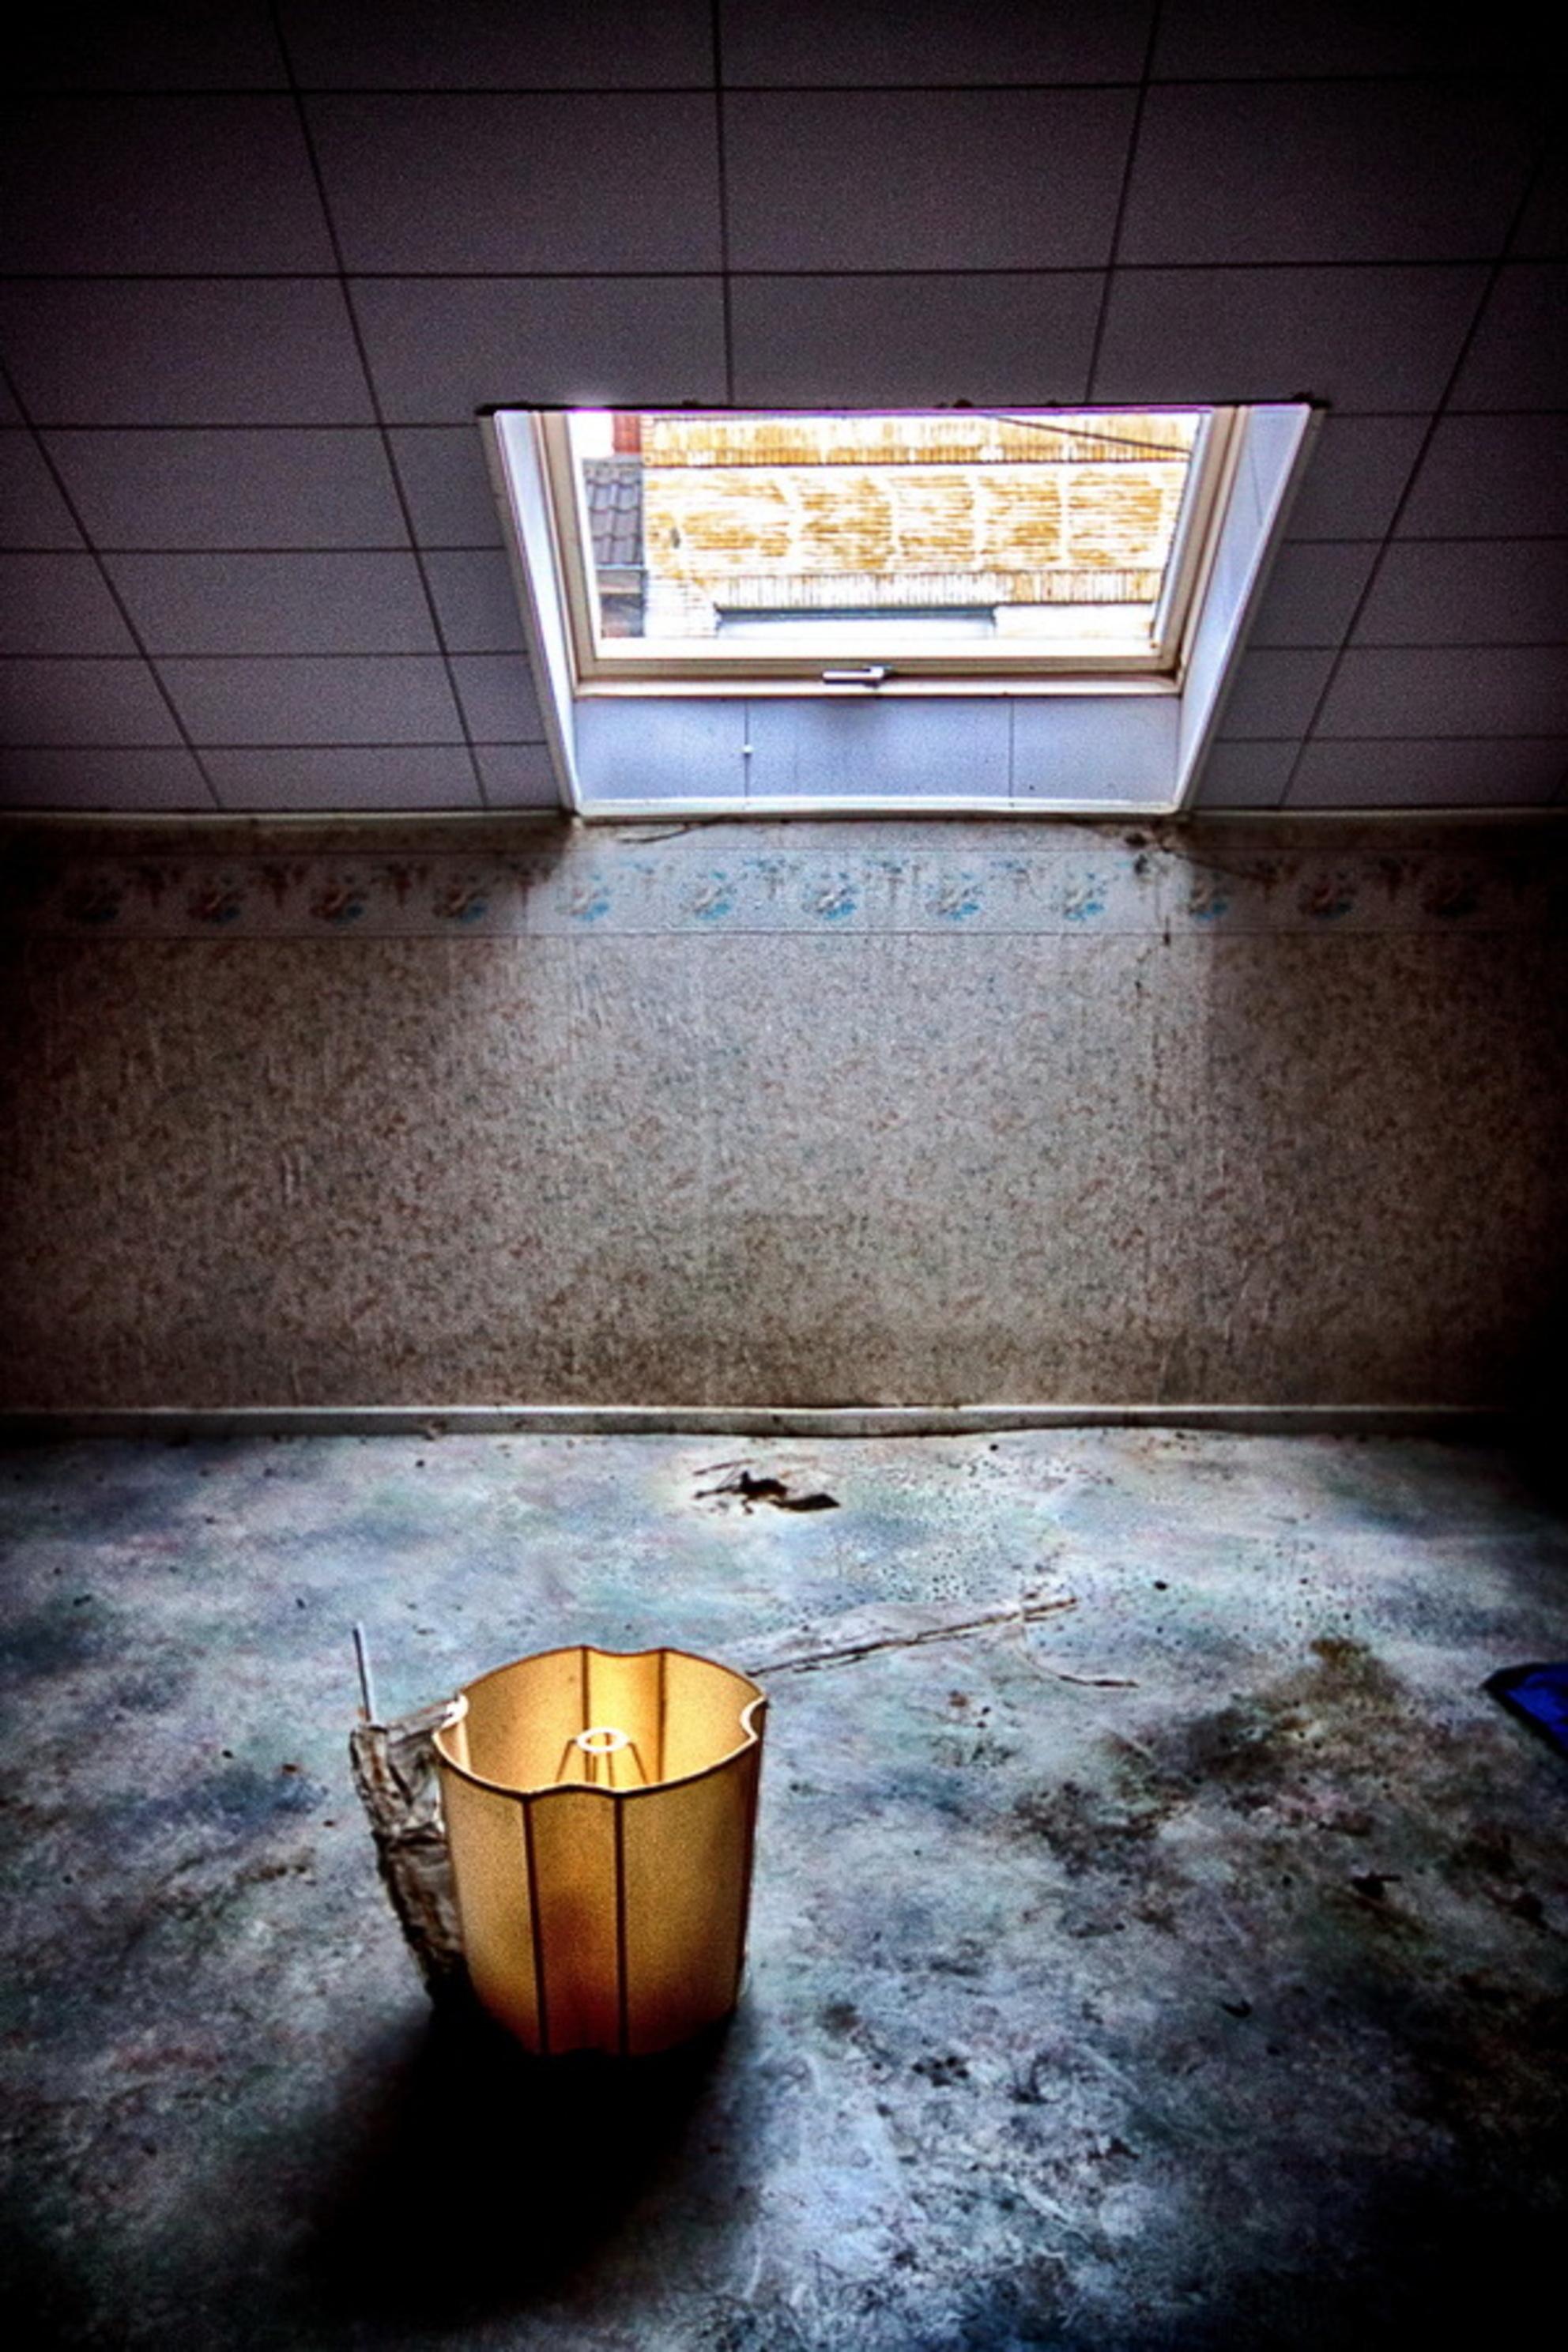 Lamp - Doel, België - foto door fotohela op 28-02-2015 - deze foto bevat: oud, donker, kleur, licht, schaduw, stilleven, kunst, urban, verlaten, hdr, details, urbex, urban exploring